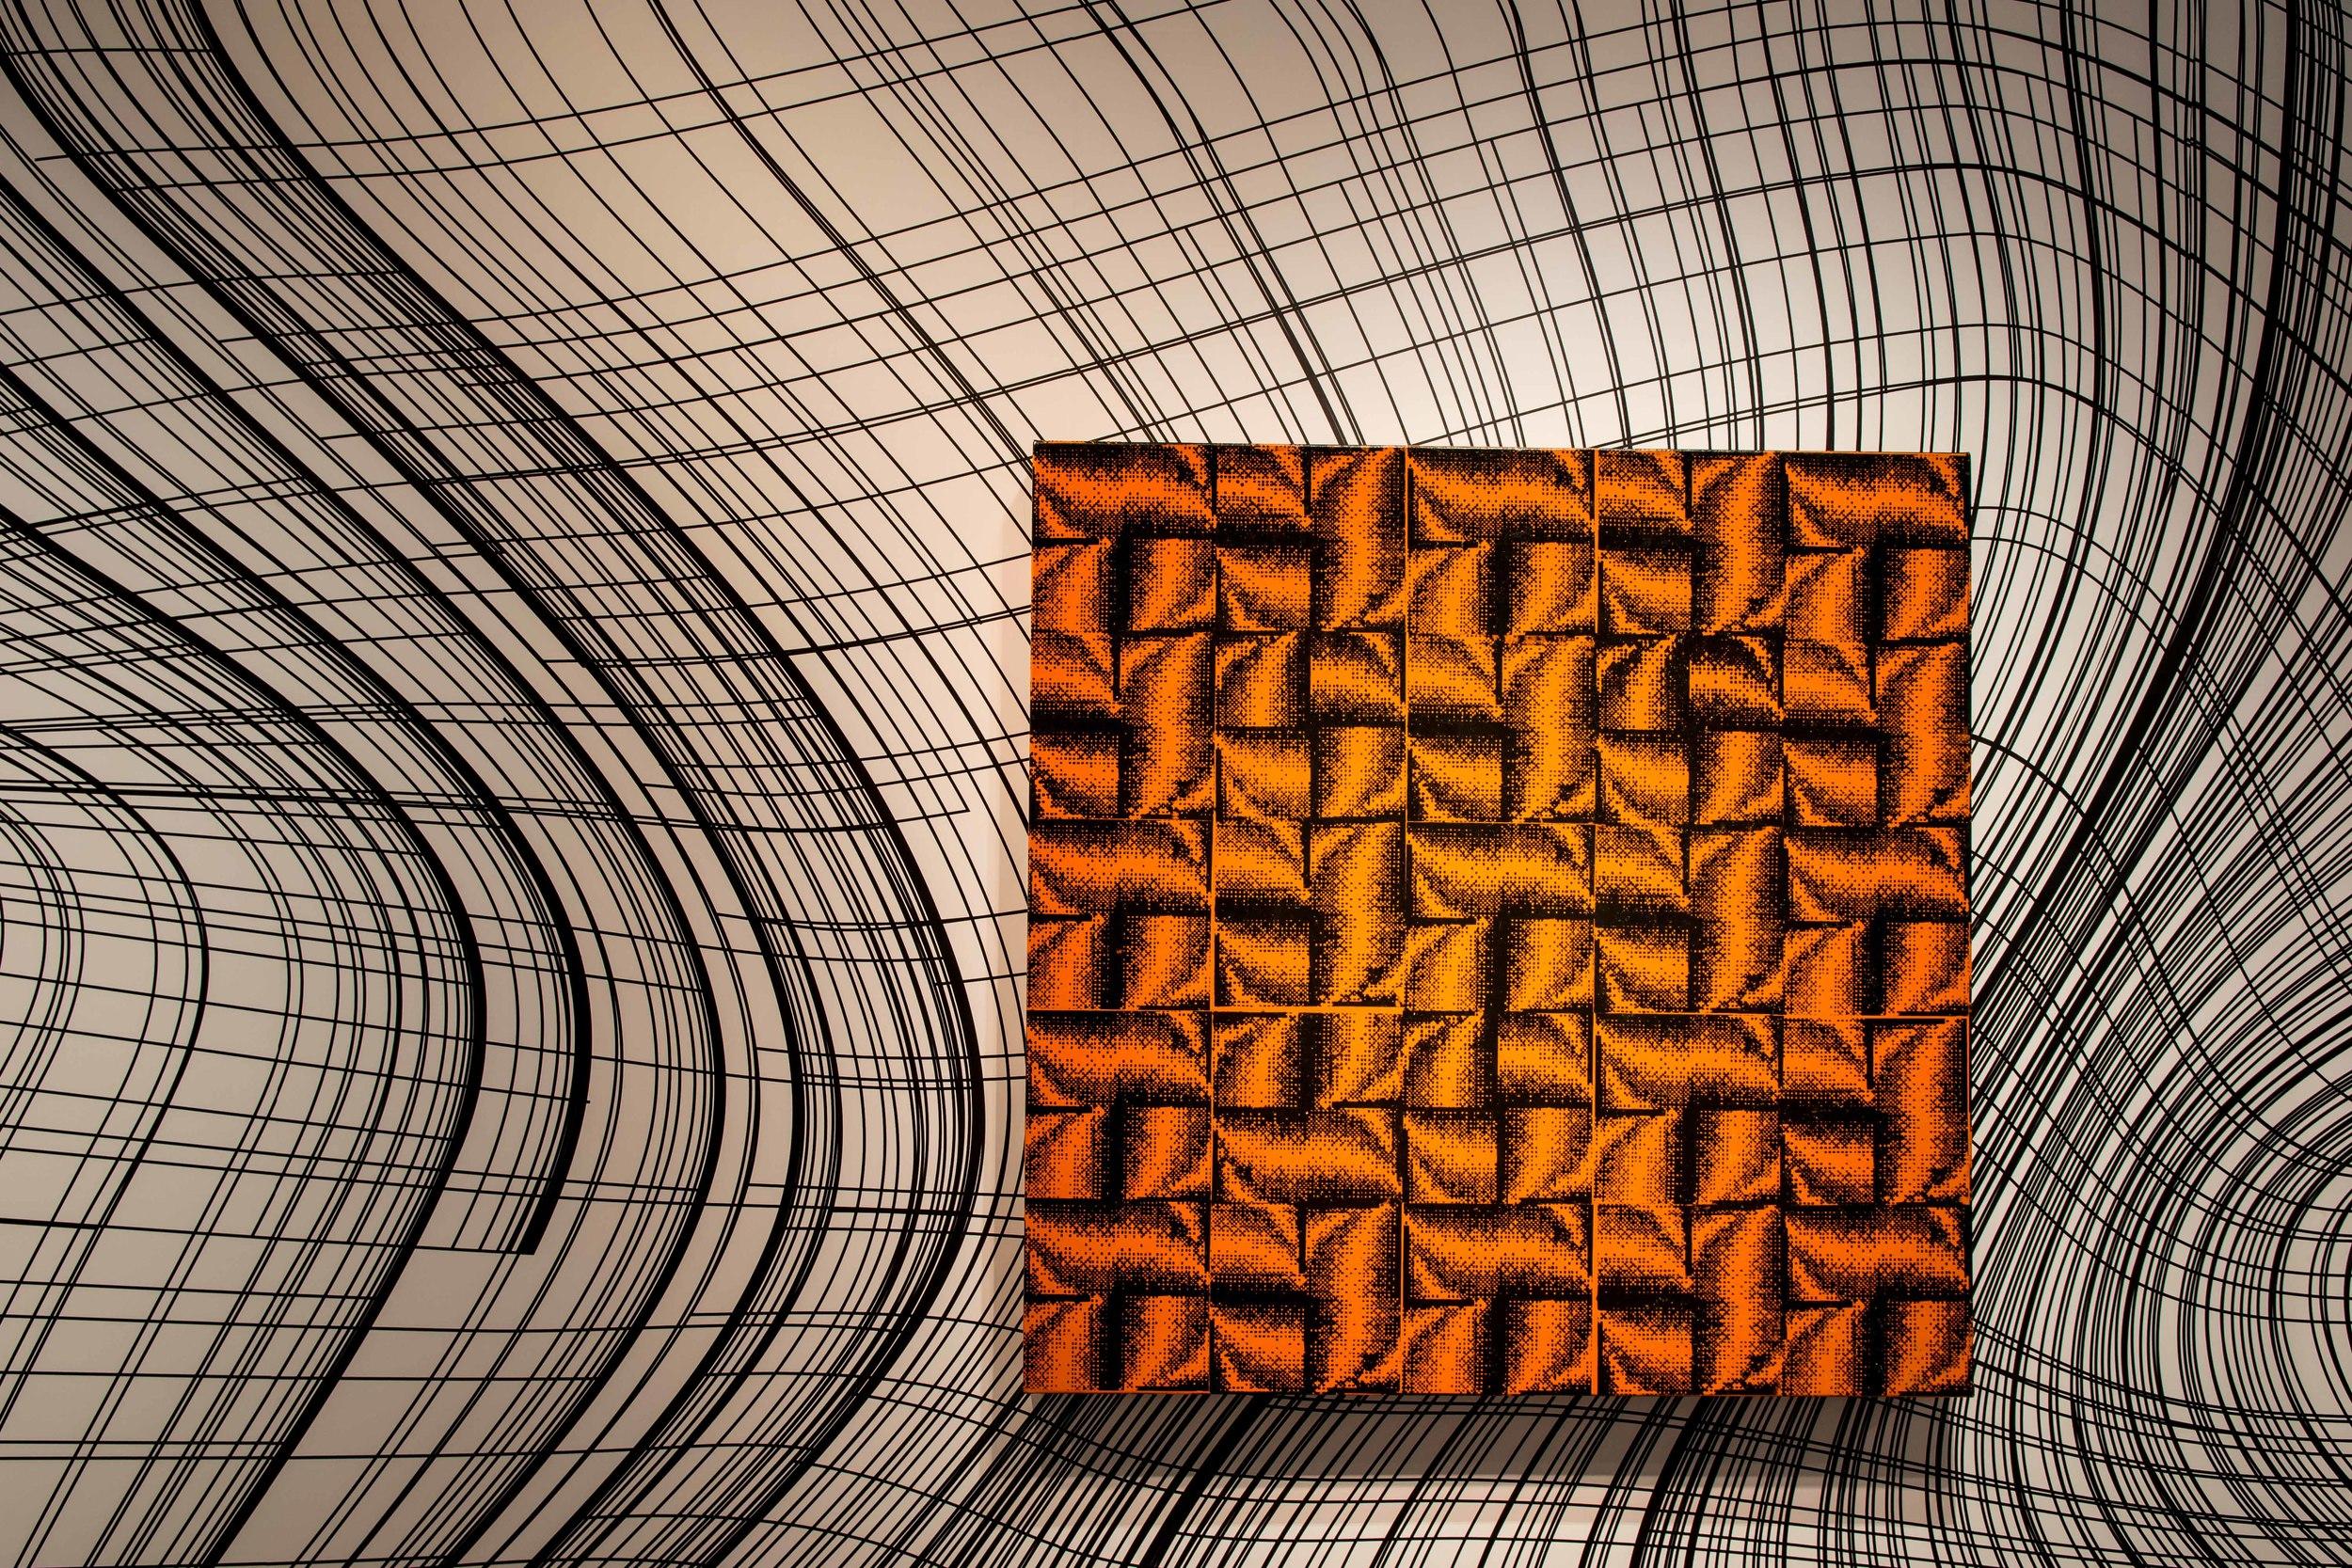 Peter Kogler speelt met lijnen en vormen in Brussel. De moeite waard om het van dichtbij te gaan bekijken.